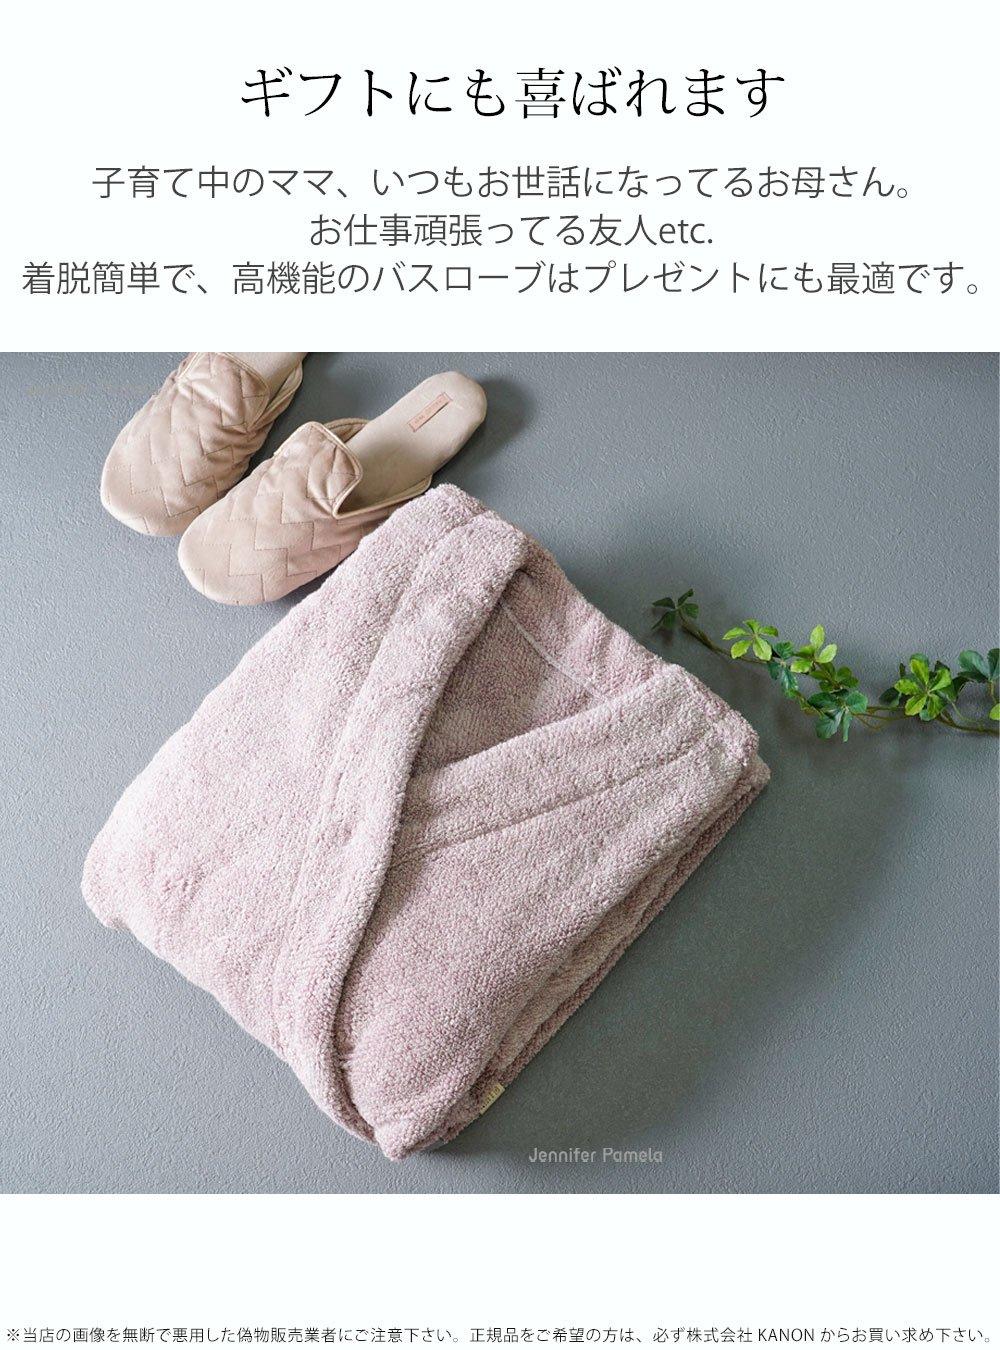 バスローブ 洗うほどに膨らむ タオル 地 パイル 地 ココチエナ ふっくら ふんわり 超吸水 高級水糸使用 洗濯 プレゼント ギフト